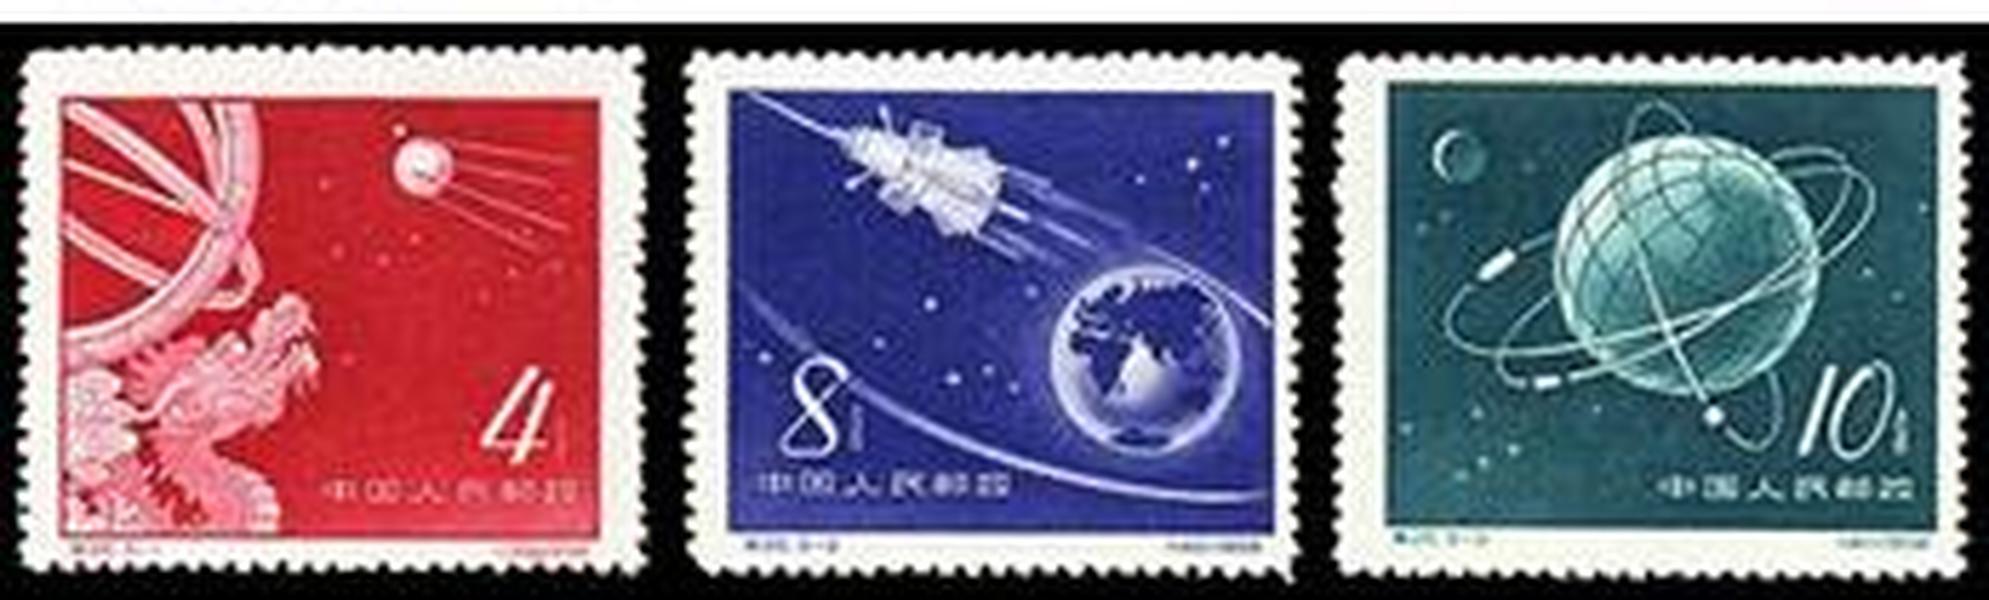 特25苏联人造地球卫星 集邮 邮票收藏 纪特邮票 保真包品正品